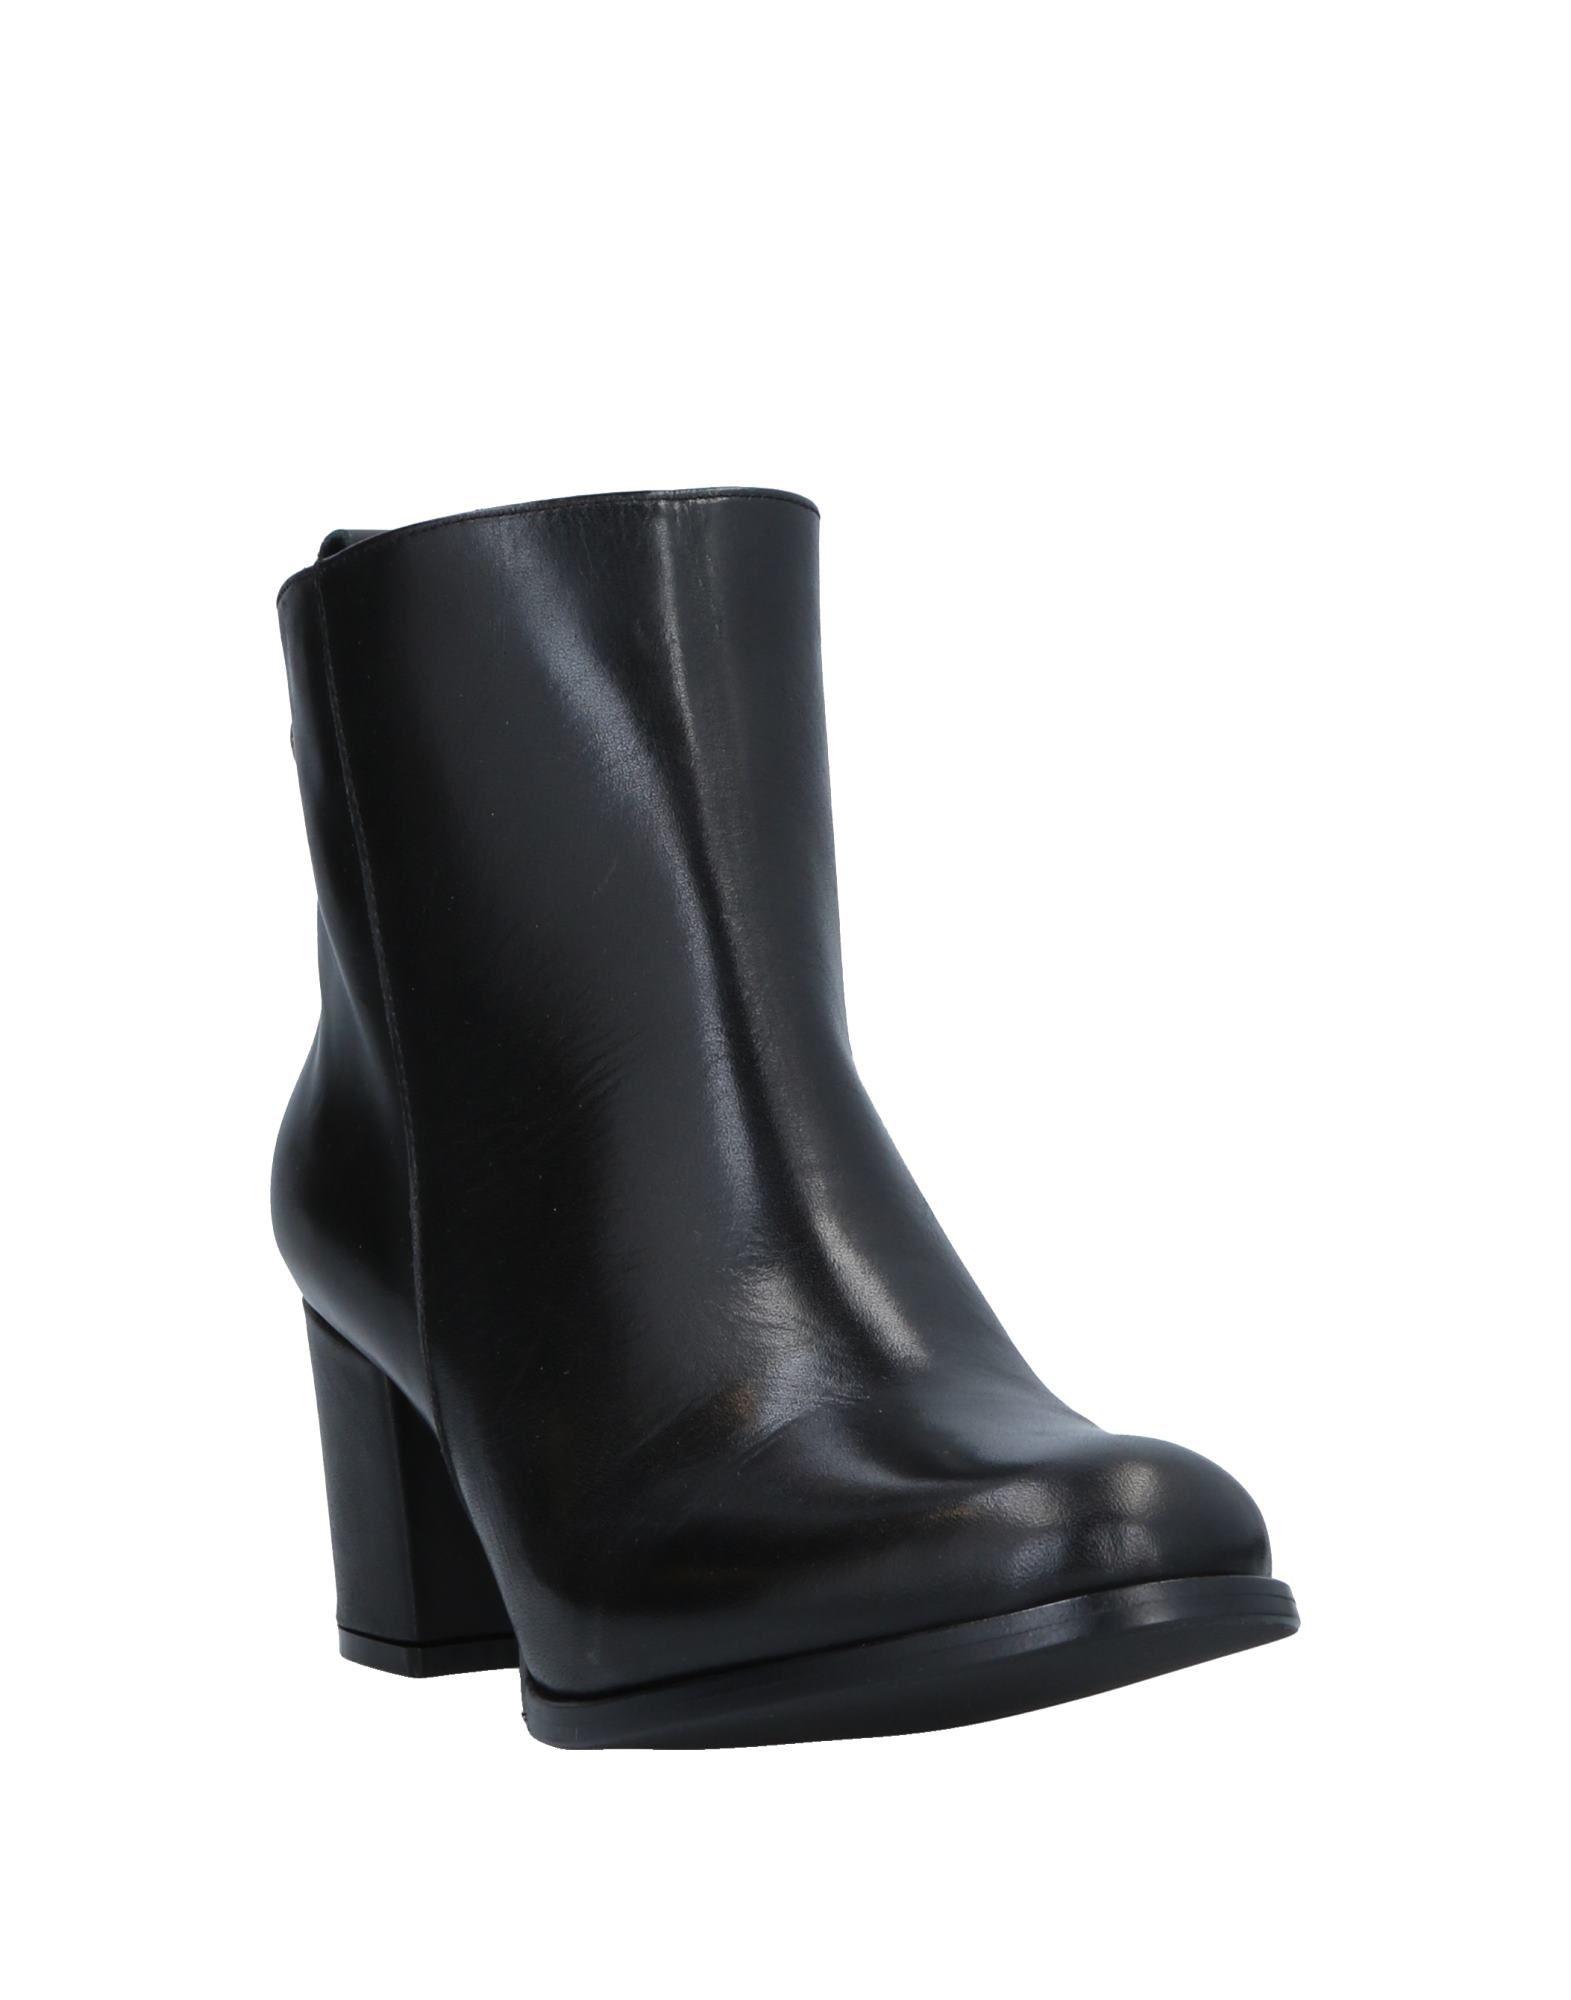 Cuplé Stiefelette Damen  11542582SB Gute Qualität beliebte Schuhe Schuhe Schuhe a7752d